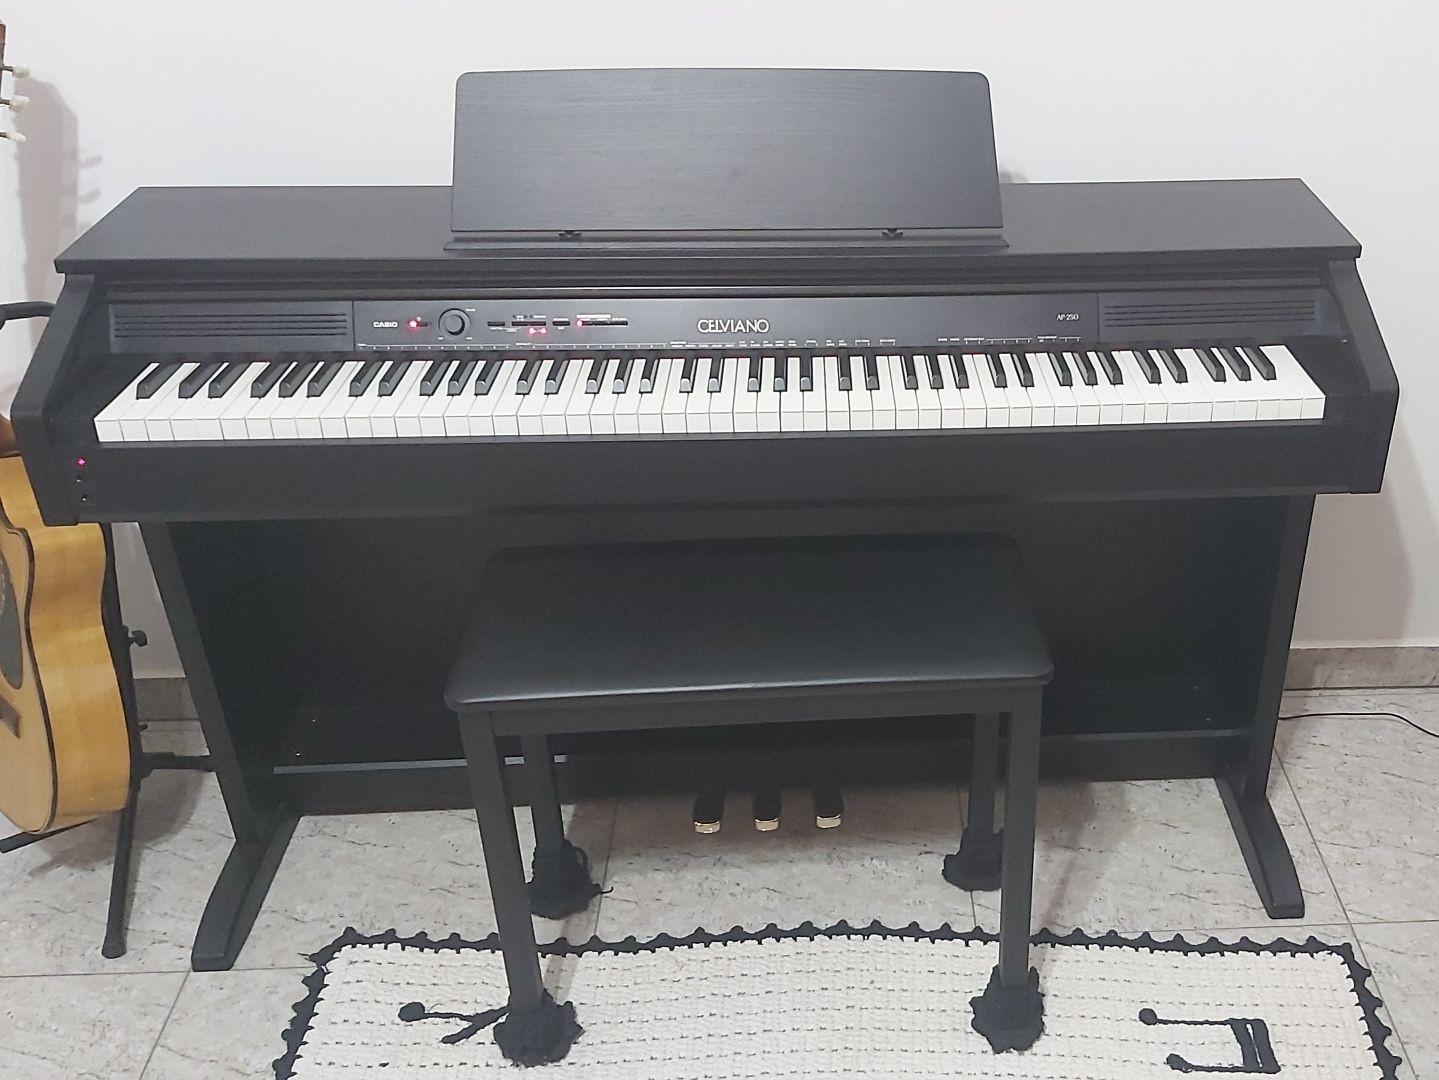 Piano Digital Casio Celviano Ap-250 Preto